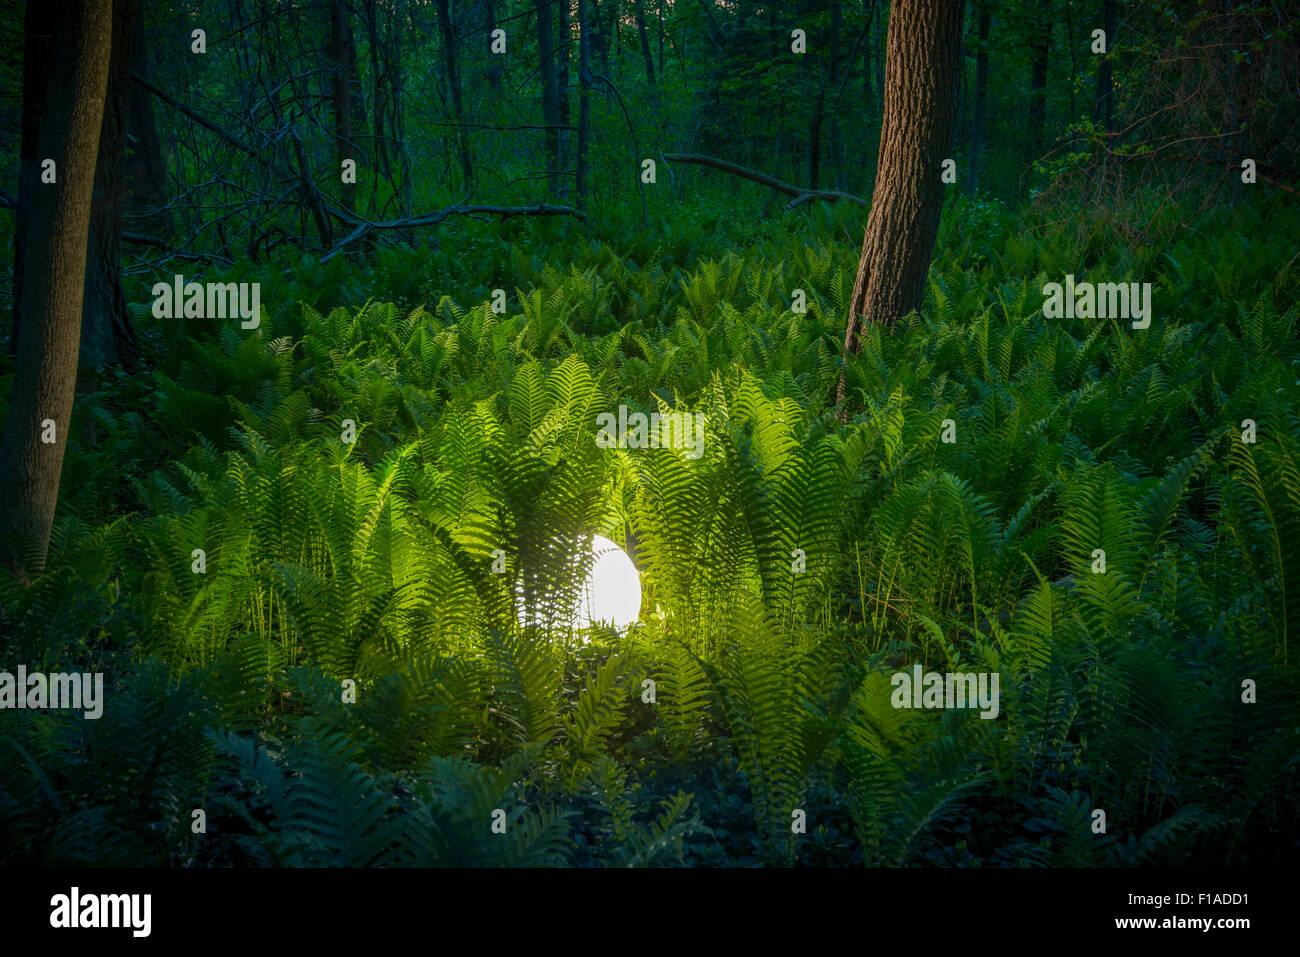 Glühende Kugel im Farn Wald Stockbild